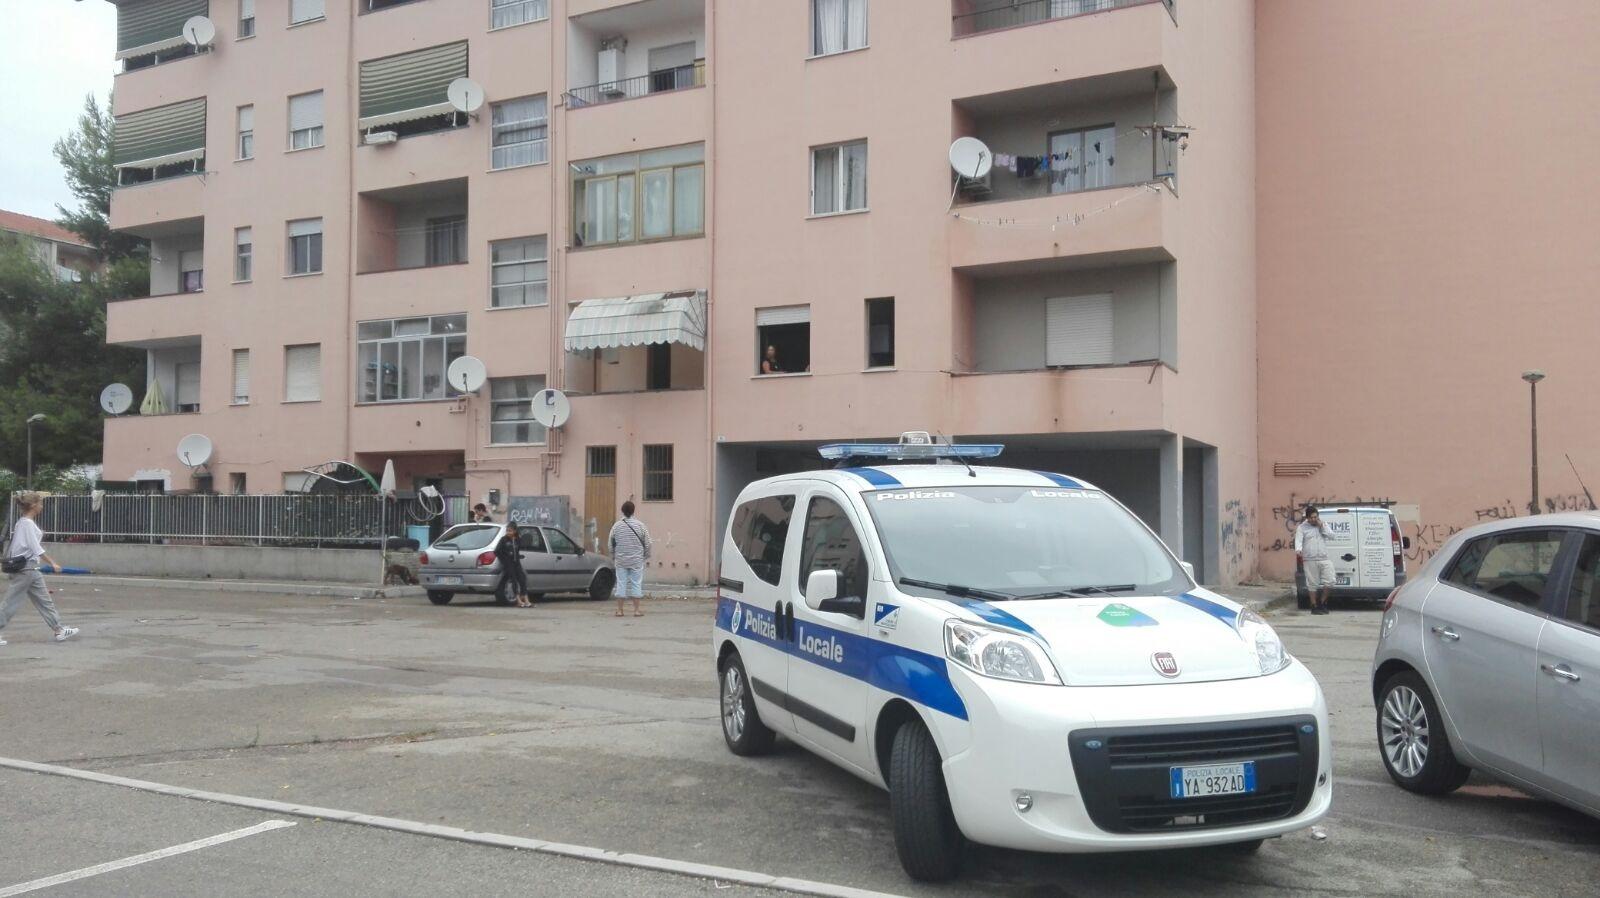 Case popolari Montesilvano: nuova assegnazione in via Rimini